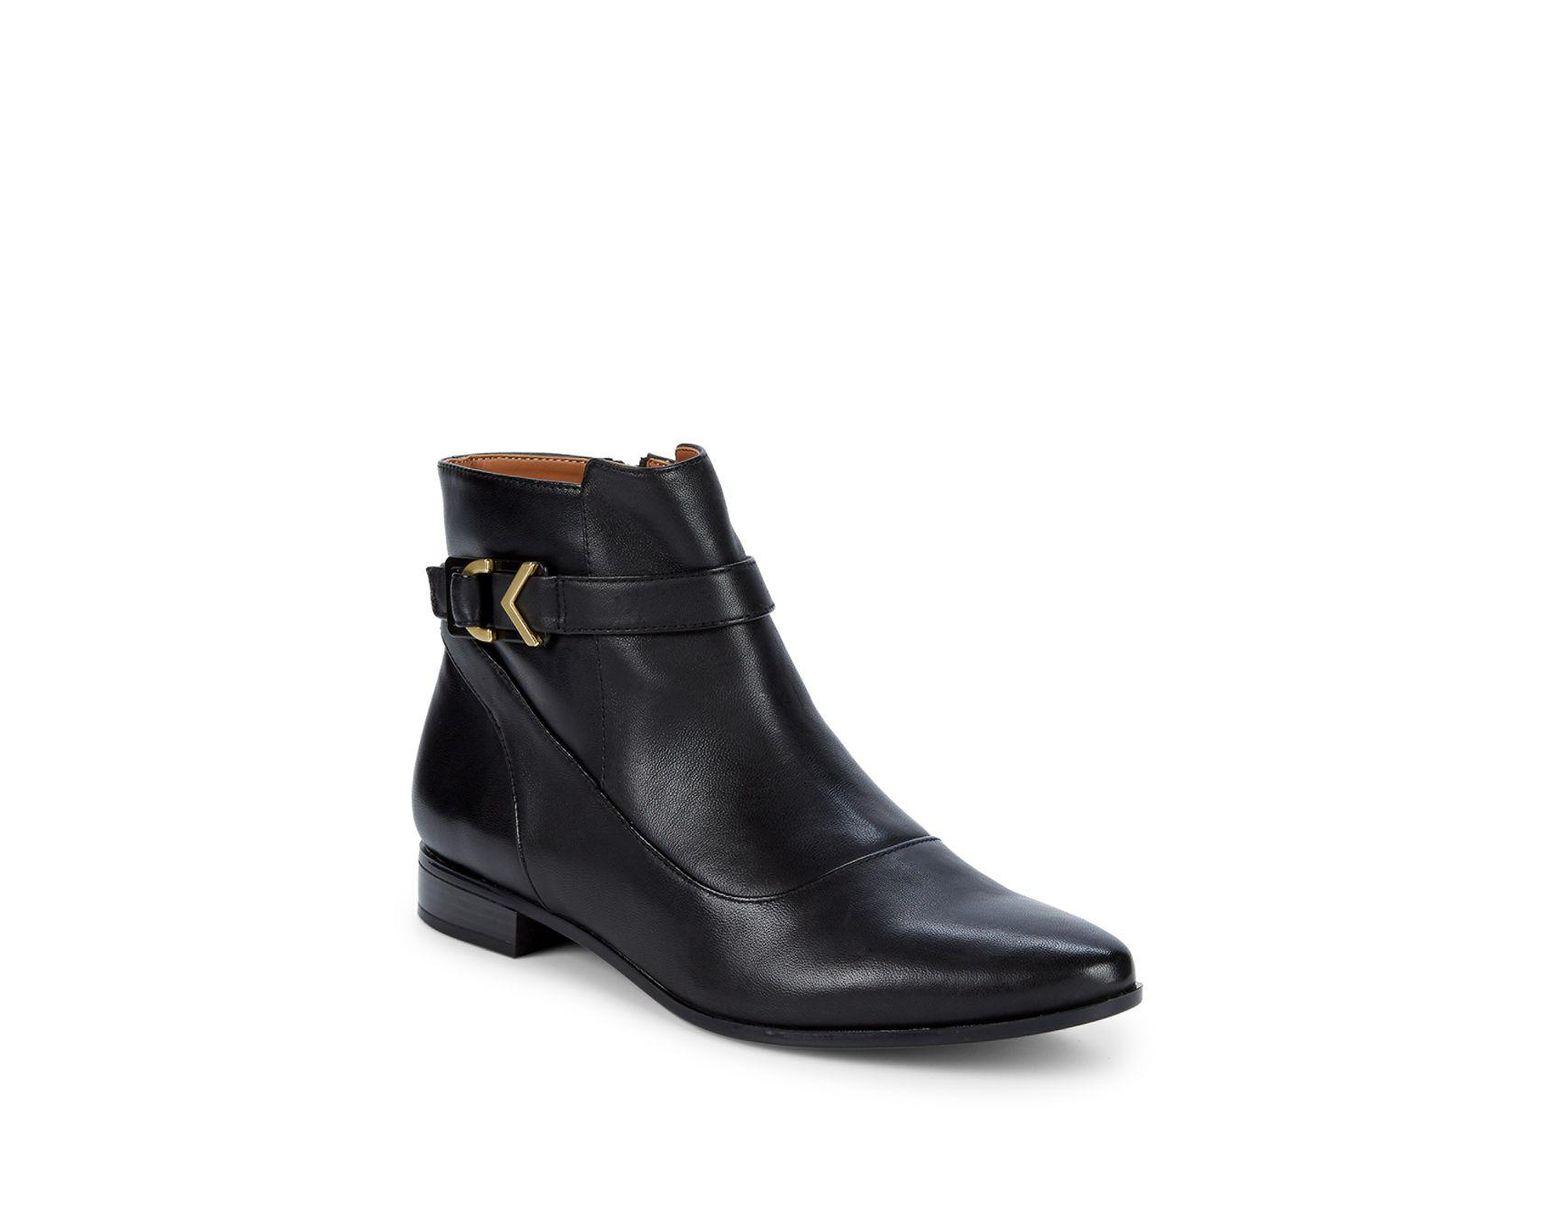 836b0e7c57af2 Women's Black Farryn Buckle Ankle Booties